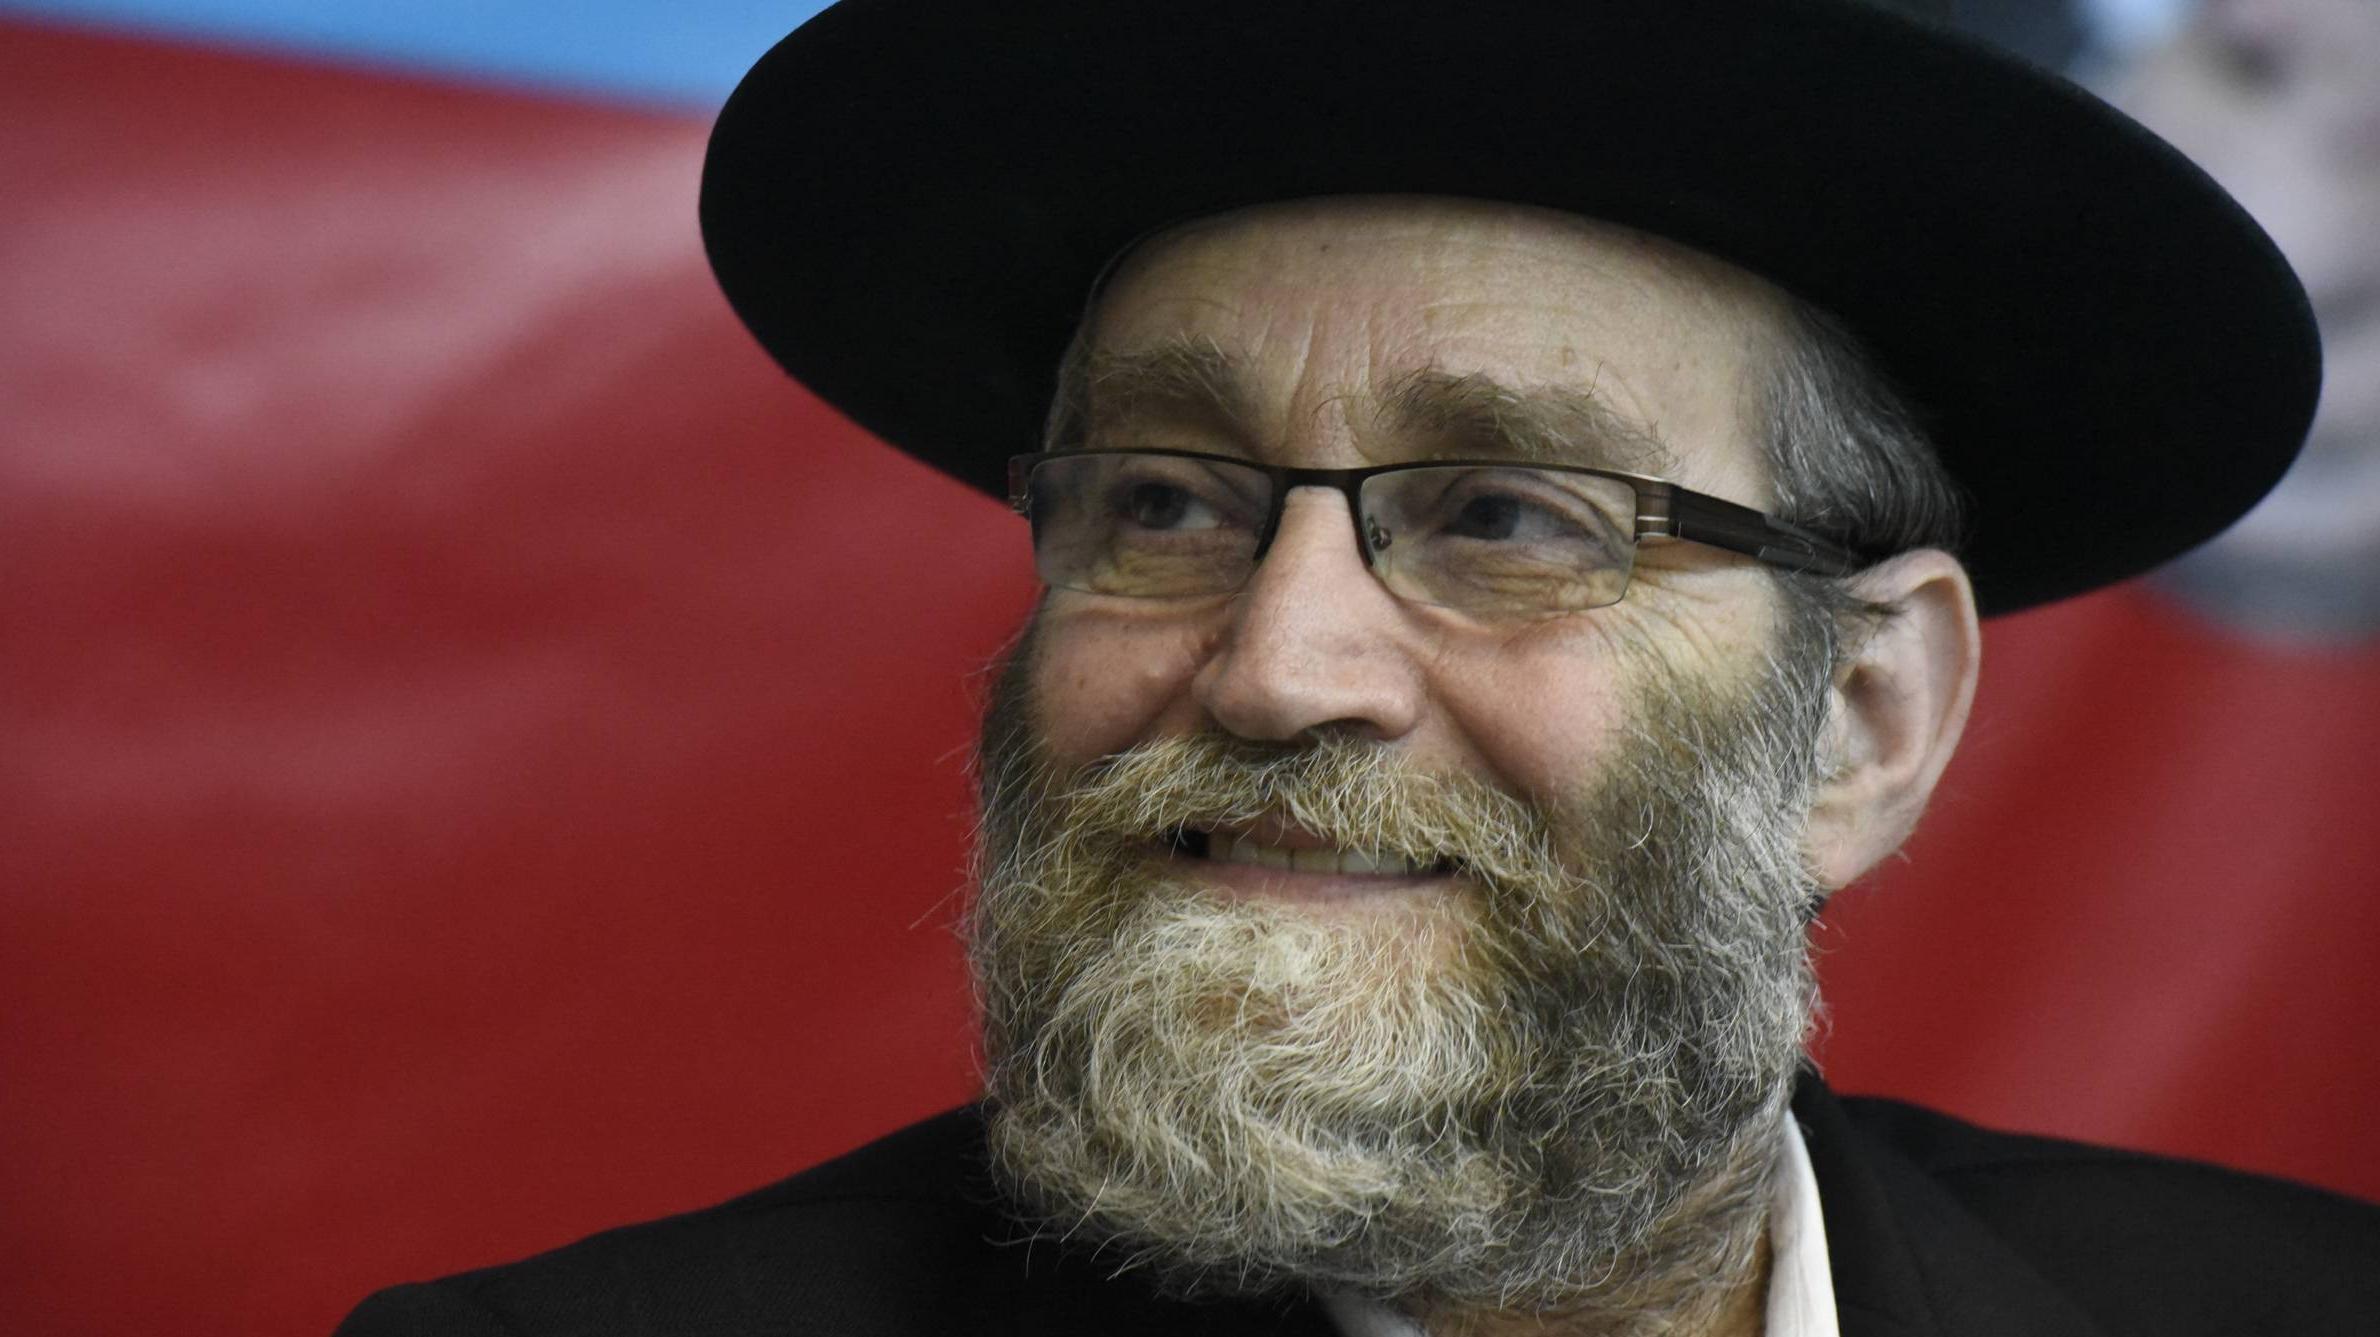 בכיר ביהדות התורה: לא אמליץ לחבריי לשבת עם ליברמן  בממשלה- לא פוסל ישיבה עם יאיר לפיד וכחול לבן